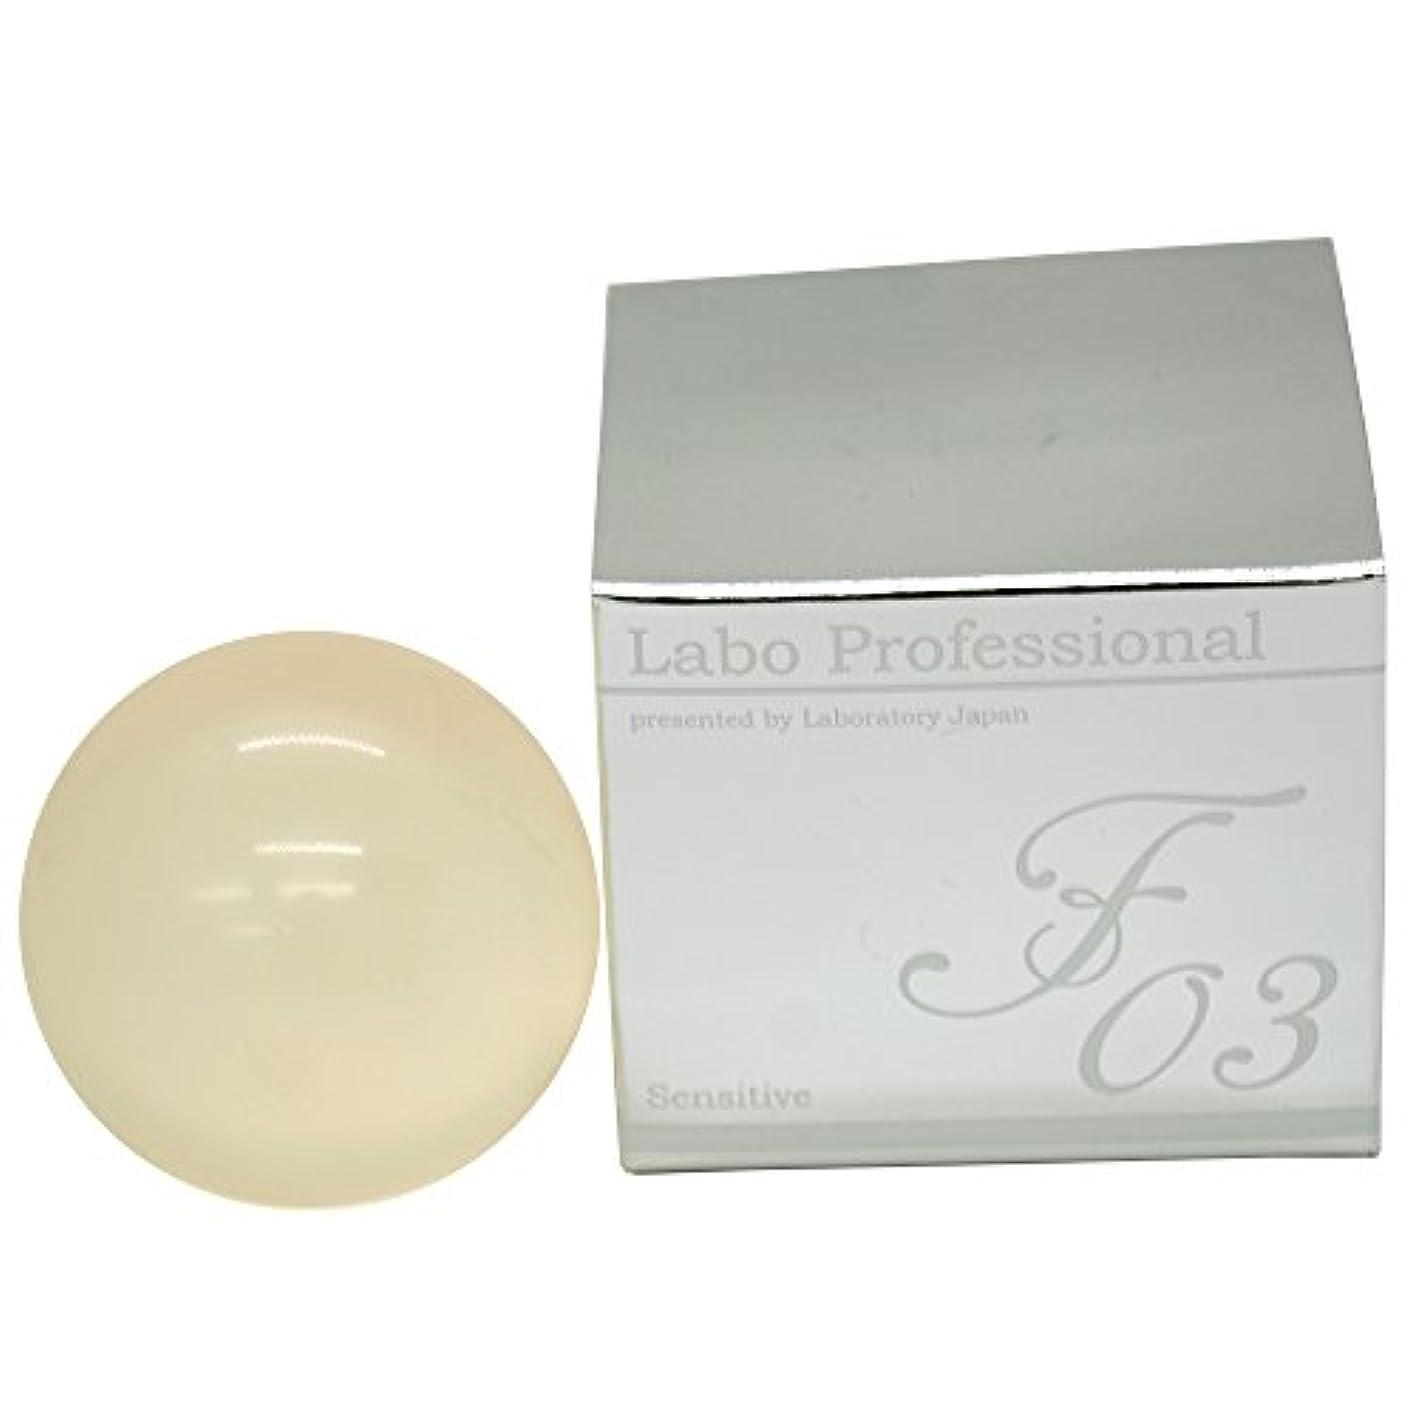 集まる文句を言う肌日本製【真性フコイダン配合】赤ちゃんから使える 敏感肌向け美容石鹸|Labo Professional F03